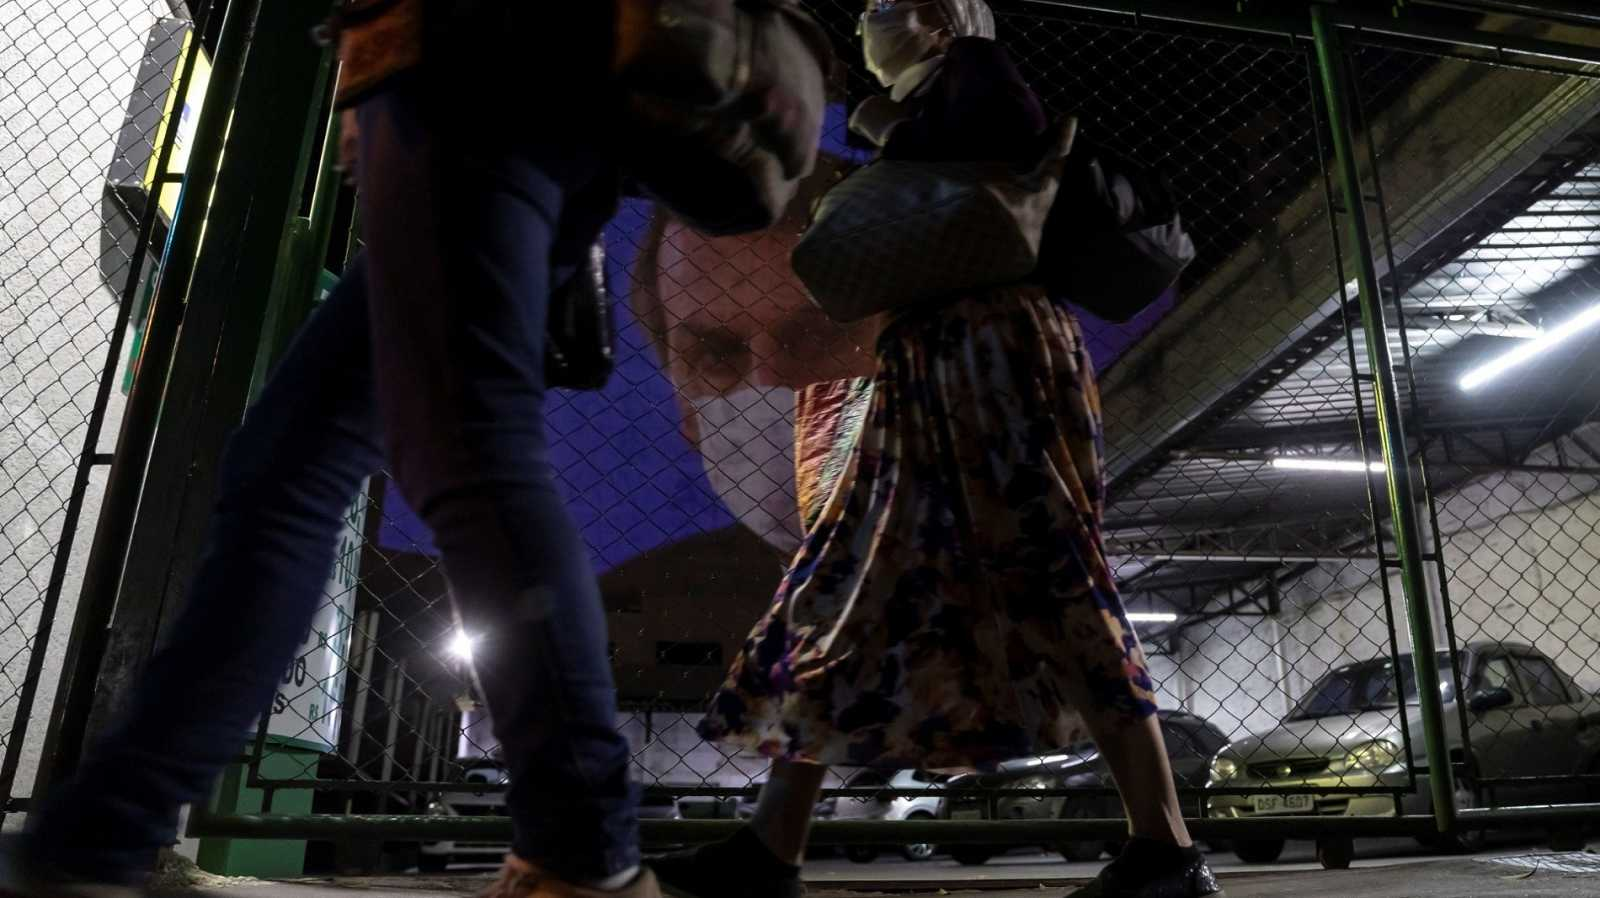 Los presidentes de Brasil y México mantienen su rechazo al confinamiento frente al coronavirus